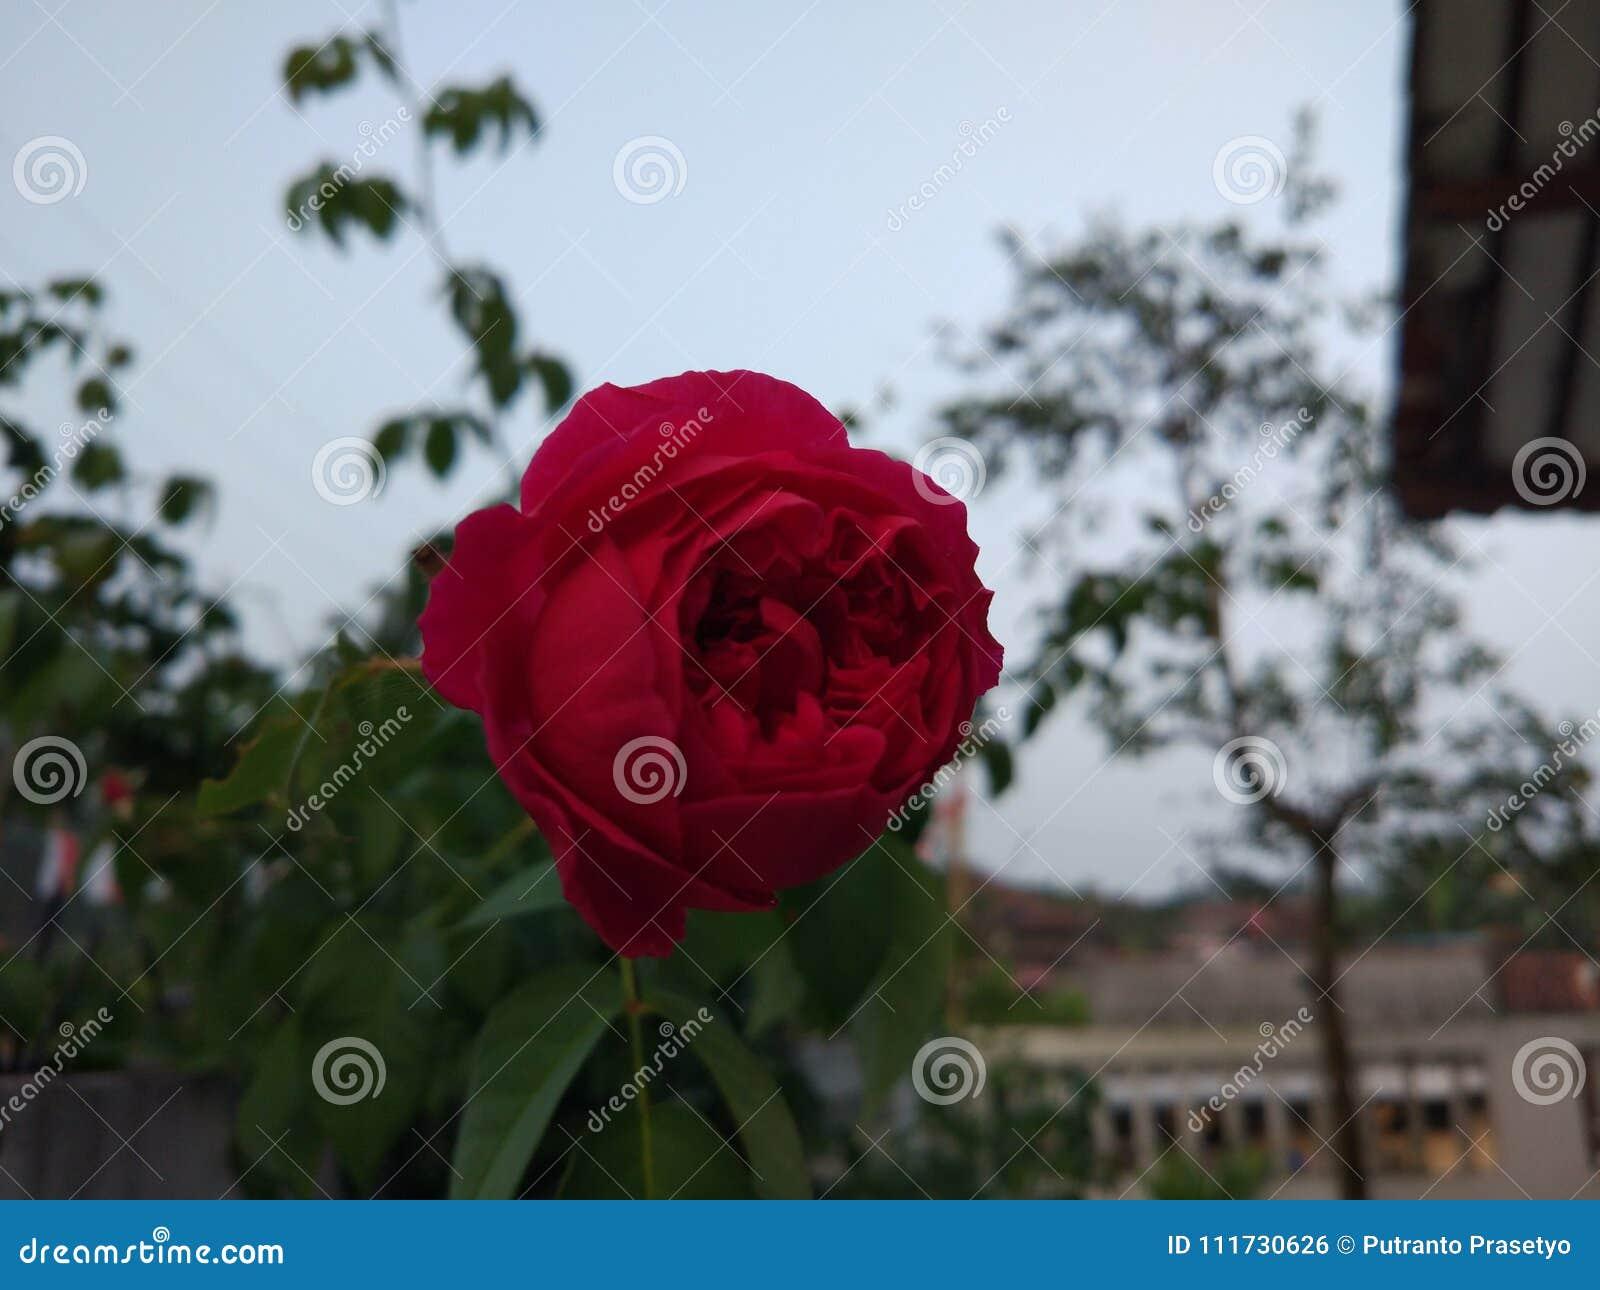 Dari Rose flower